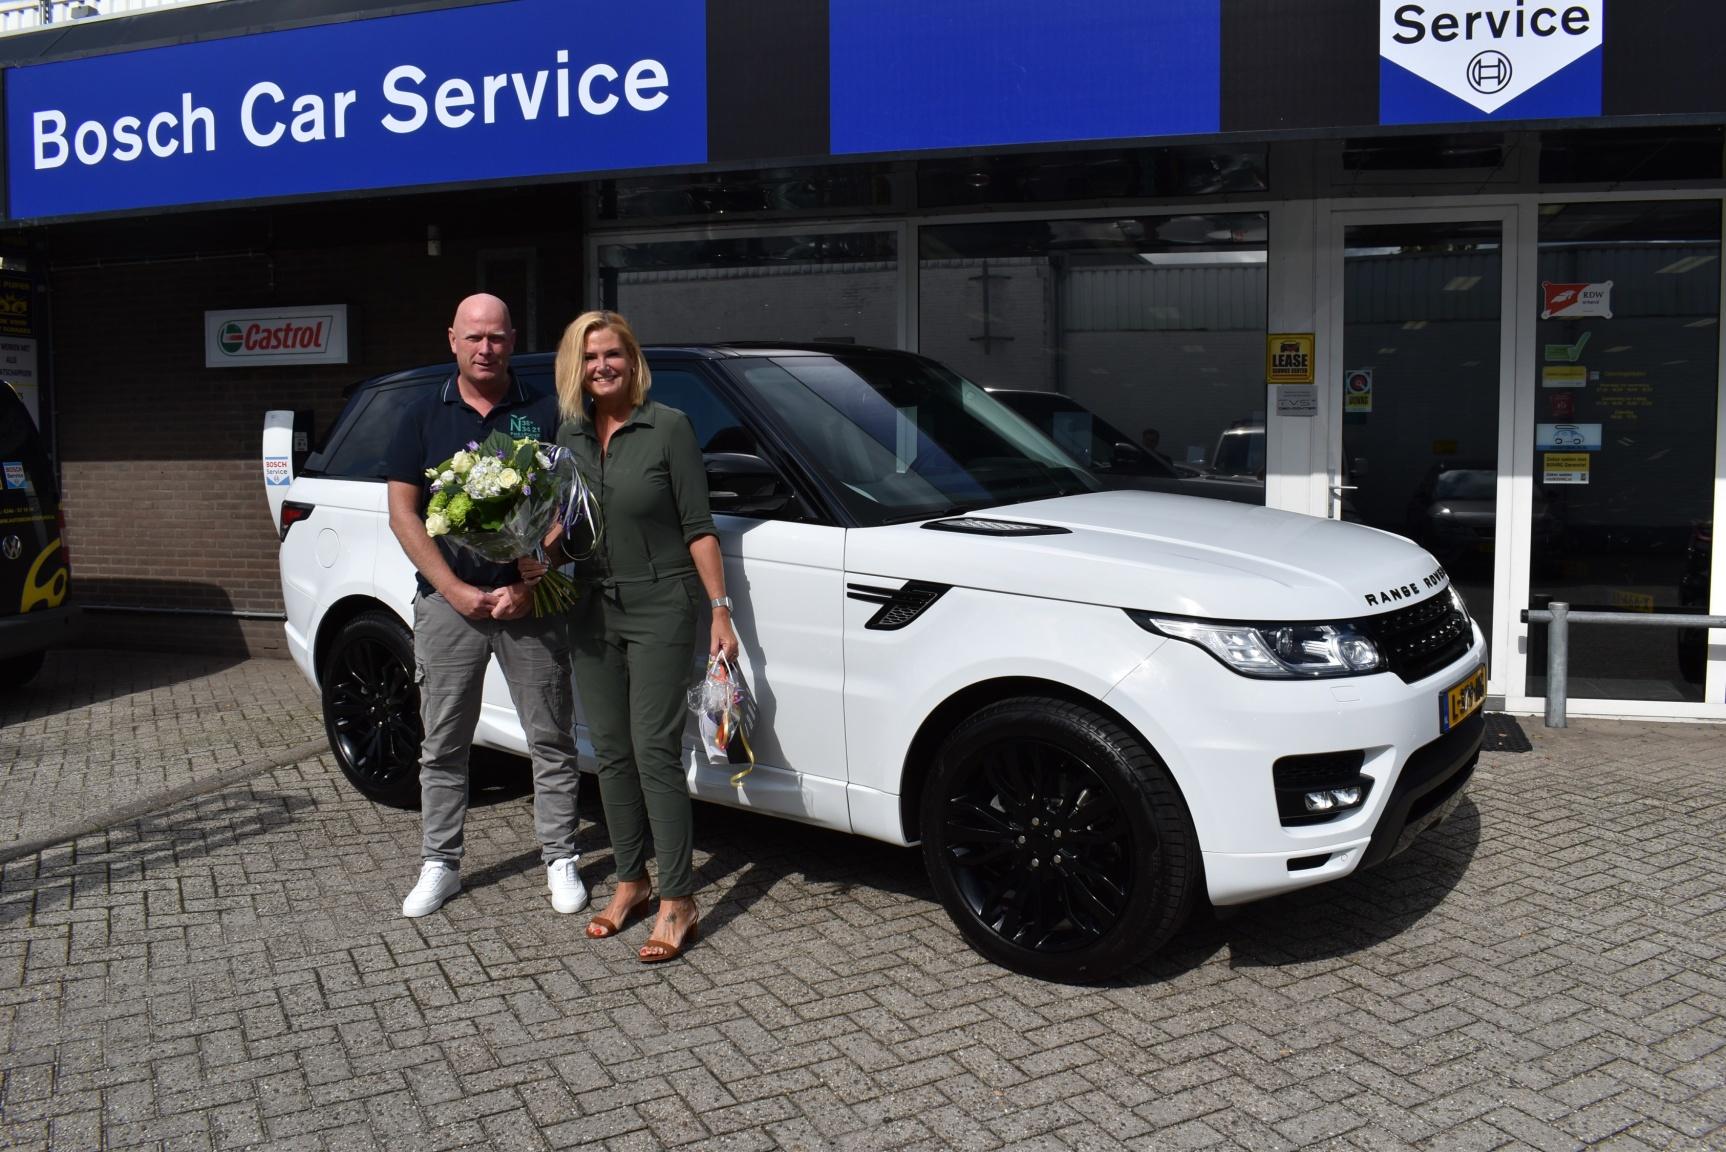 Aflevering Range Rover Sport-2021-08-30 14:43:45